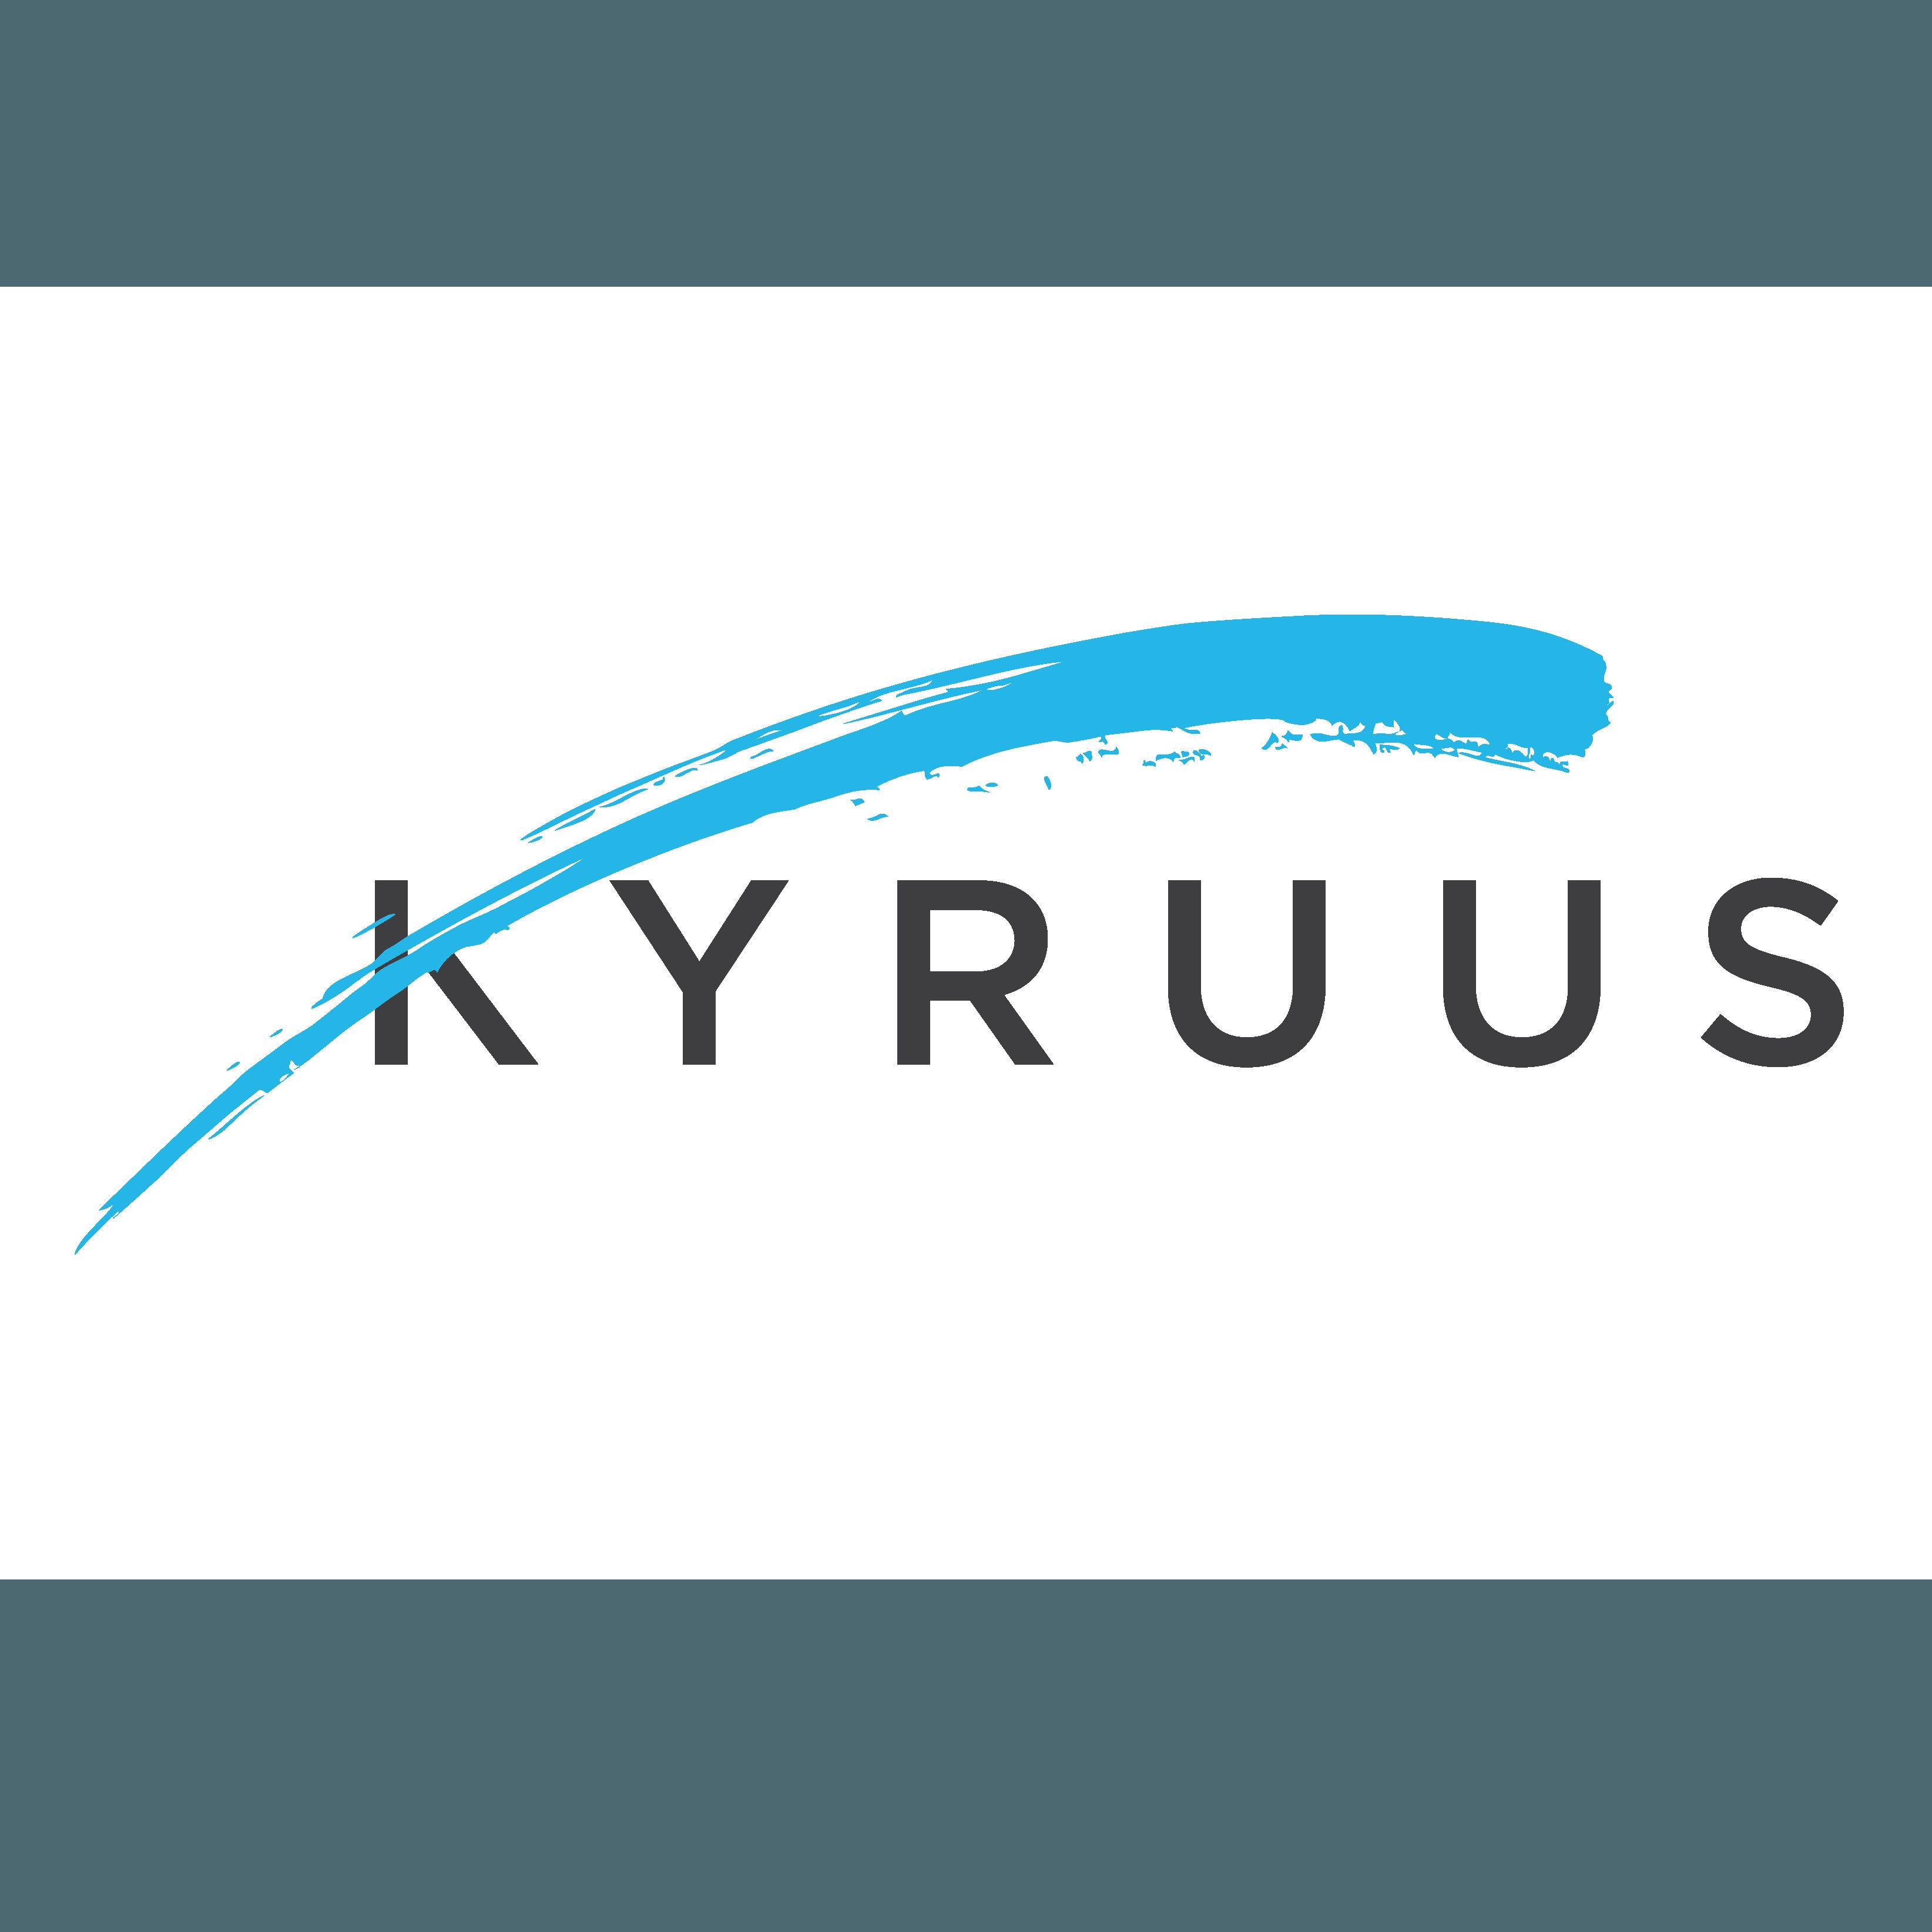 kyruus-app-icon